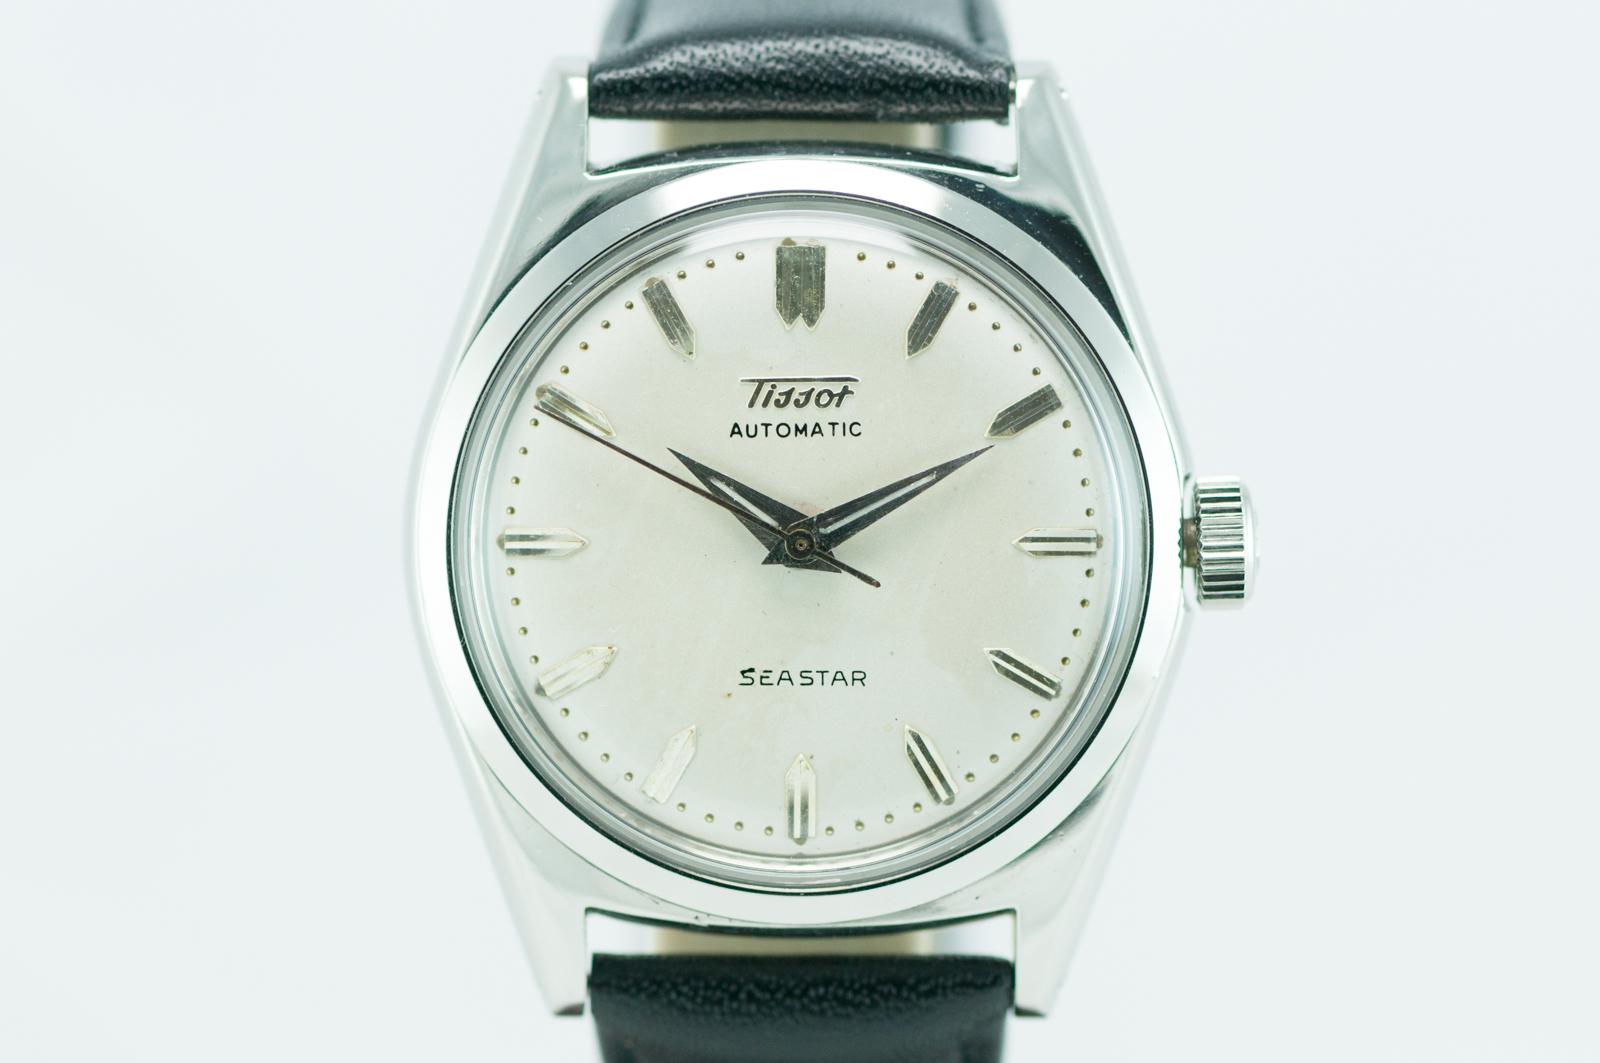 Tissot Seastar-1